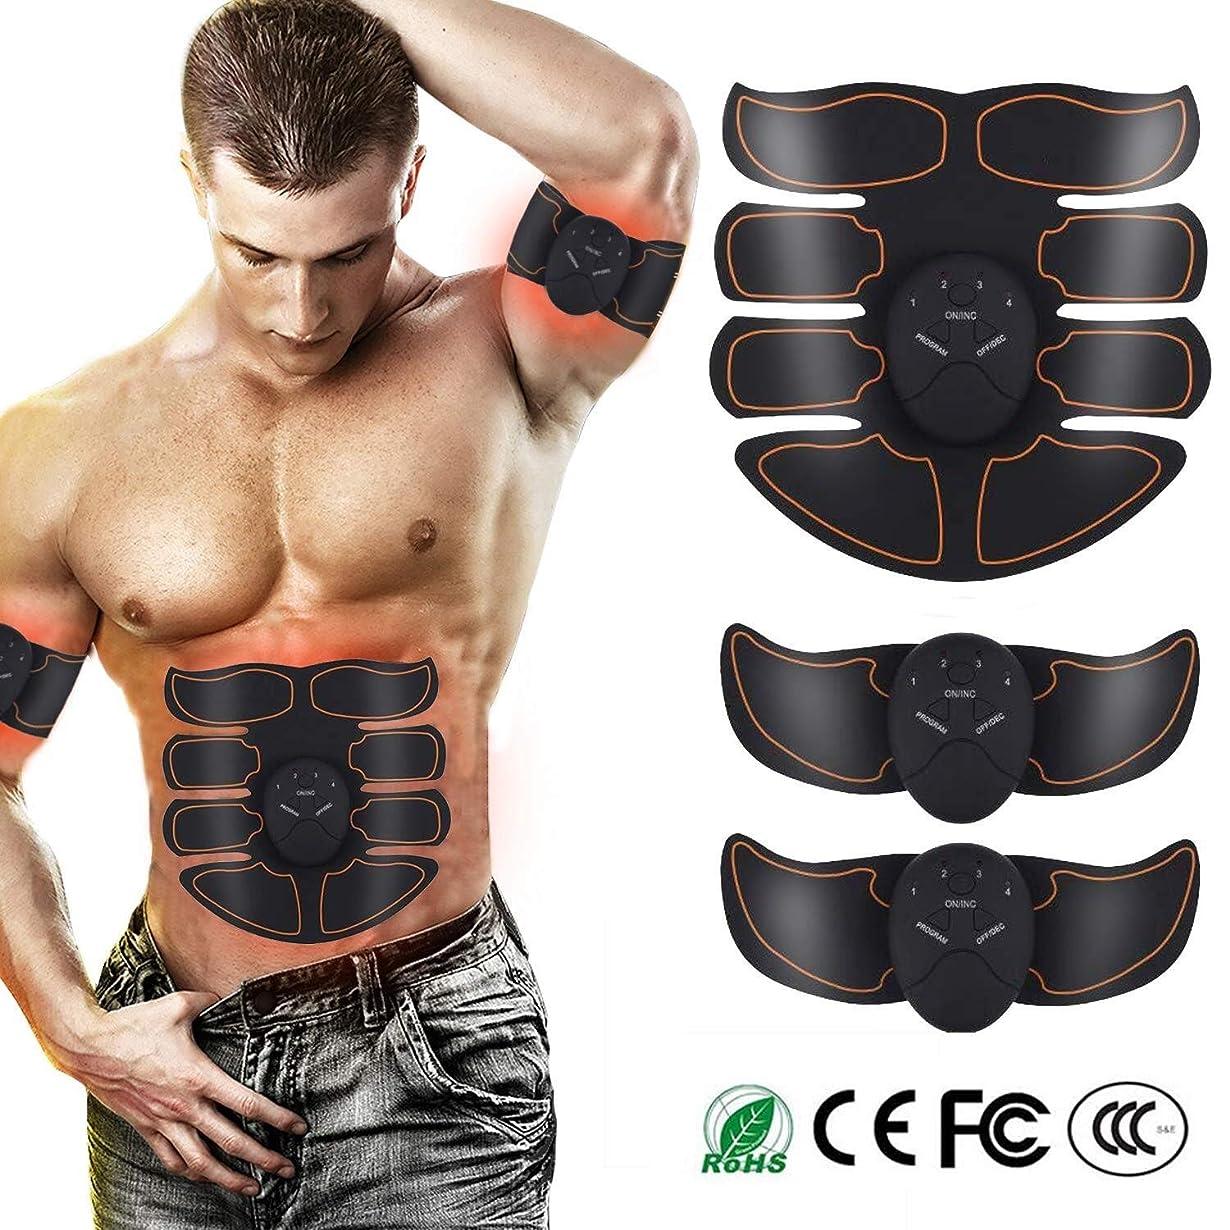 放棄怠惰愛情腹筋トレーナー 筋肉刺激装置、 腹部調色ベルト、 腹部 マッスルトナー 6つのモード及び10のレベル強度 USB充電式 トレーニング機器、 に適し 体 いい結果になる 家に 事務所 ジム